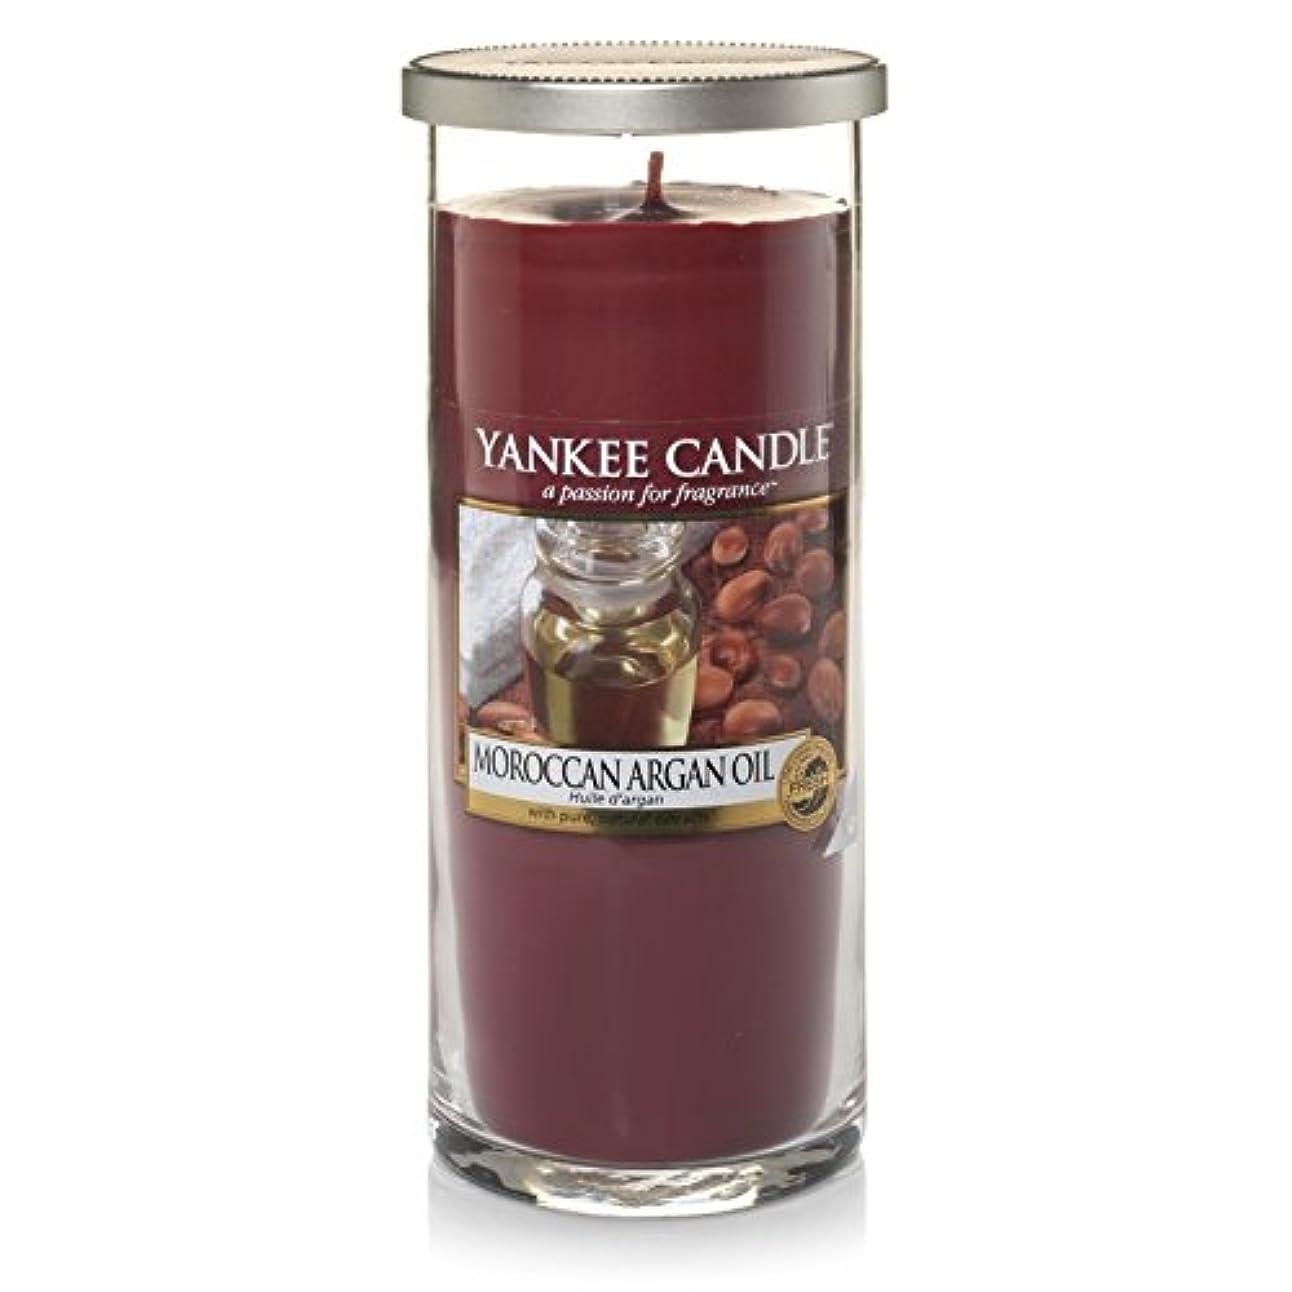 プログラムアニメーション創始者Yankee Candles Large Pillar Candle - Moroccan Argan Oil (Pack of 2) - ヤンキーキャンドル大きな柱キャンドル - モロッコアルガンオイル (x2) [並行輸入品]